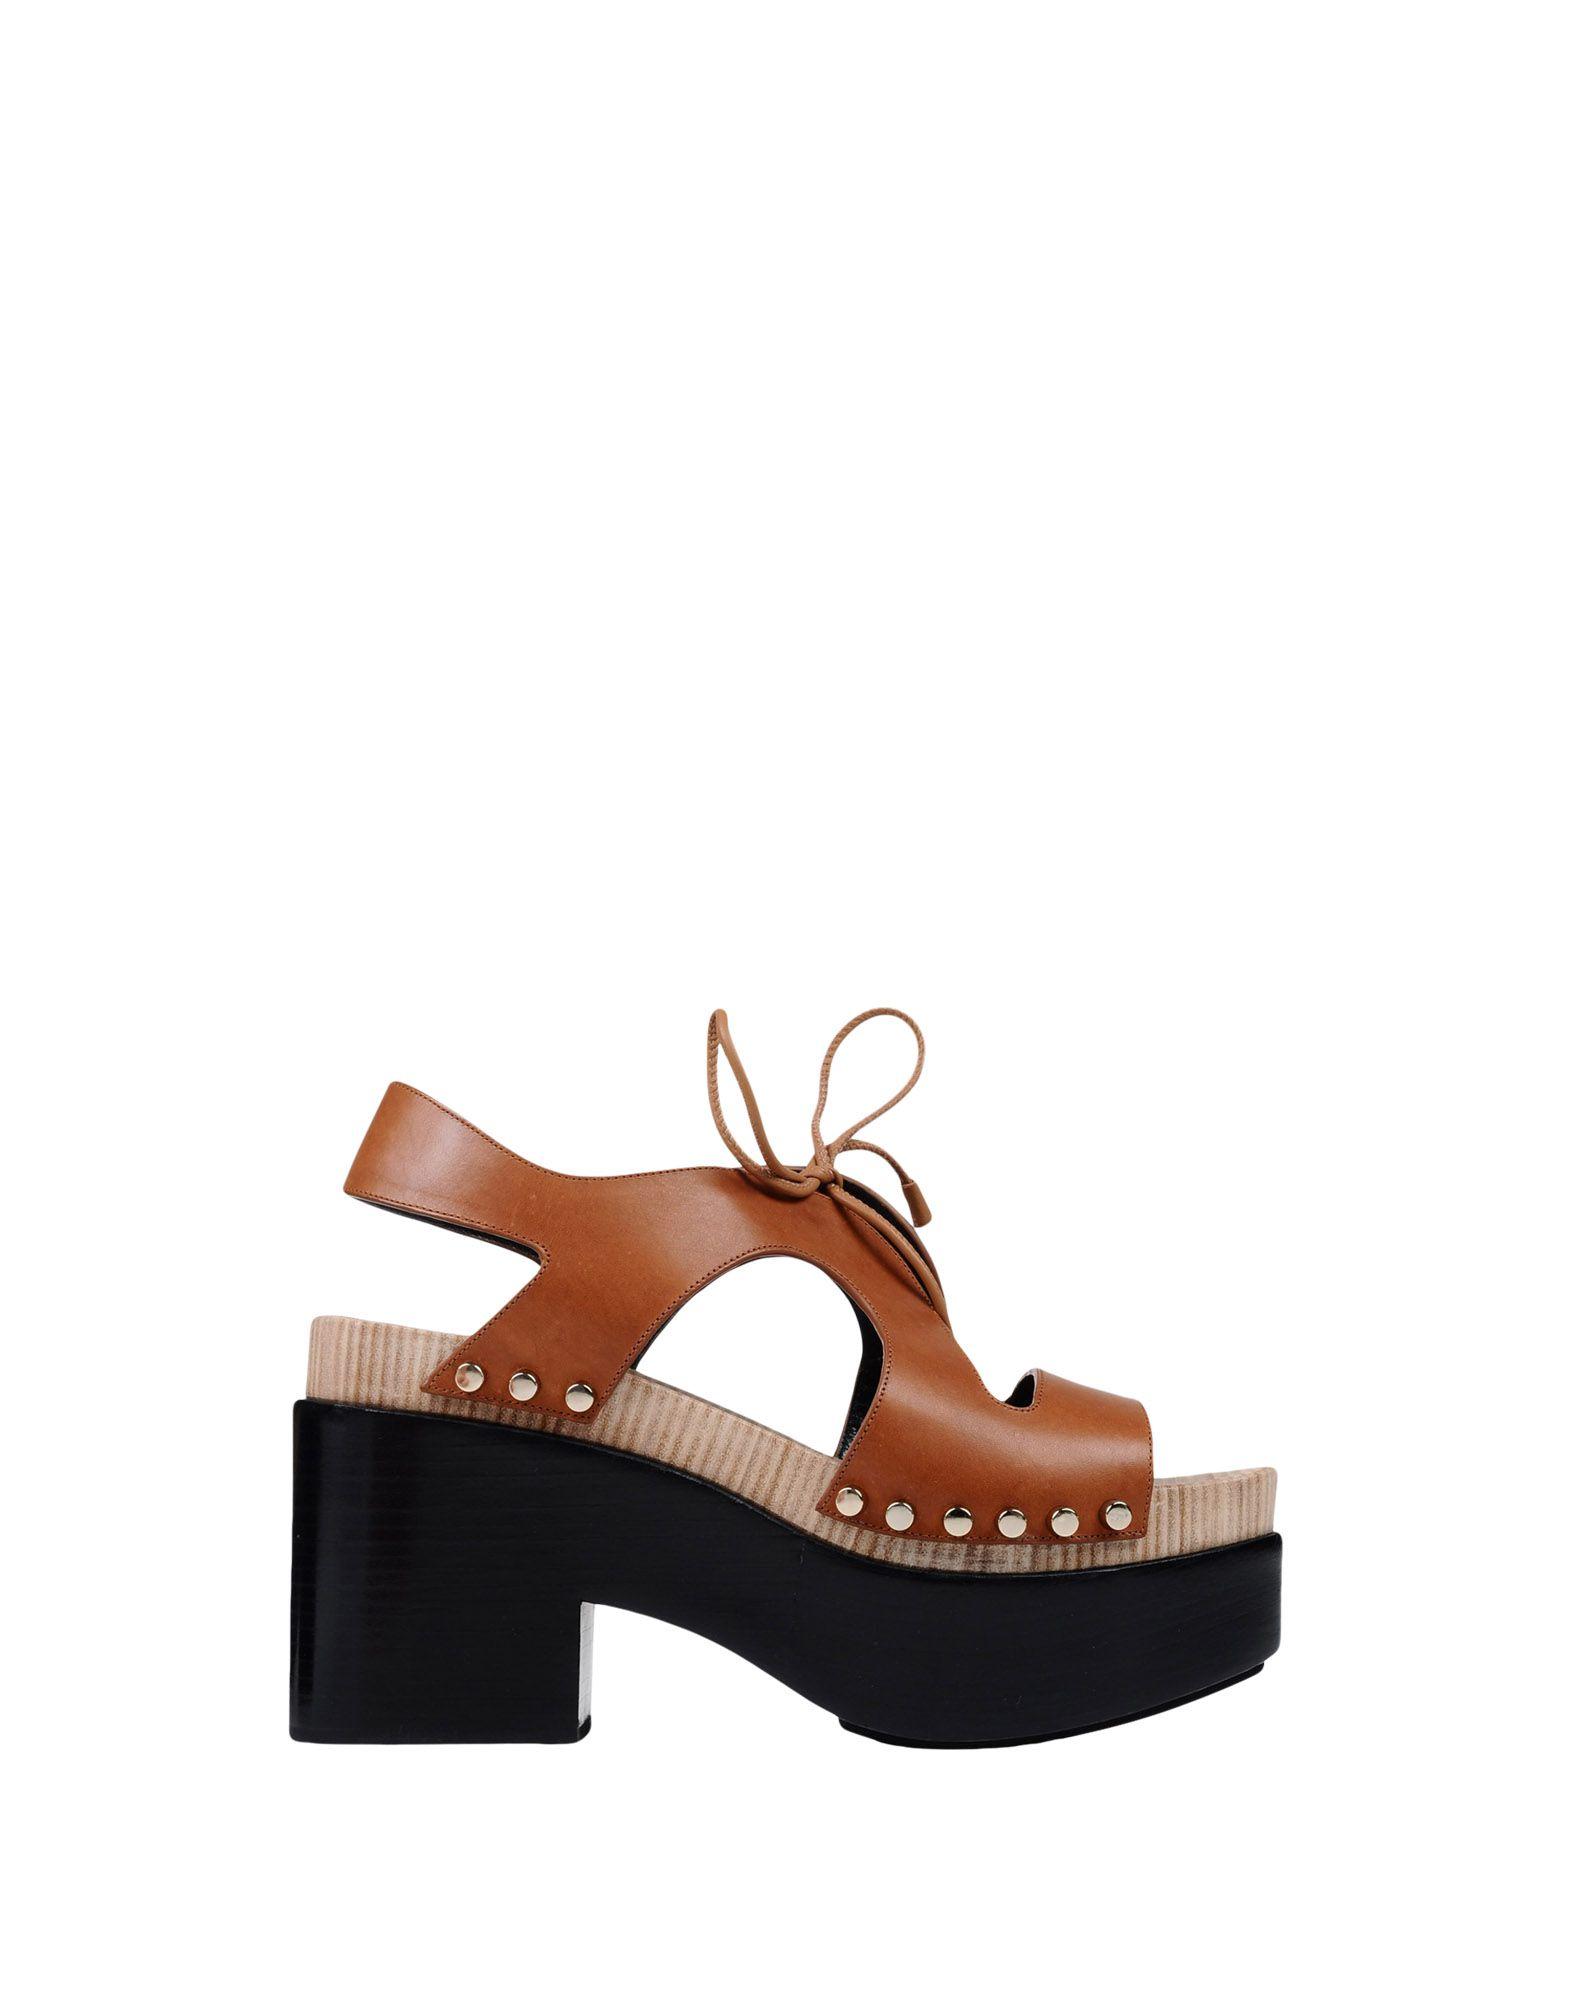 Sur Femme Balenciaga Sandales Femme Sur Sandales Sur Balenciaga Balenciaga Femme Sandales Sandales 4x1w00